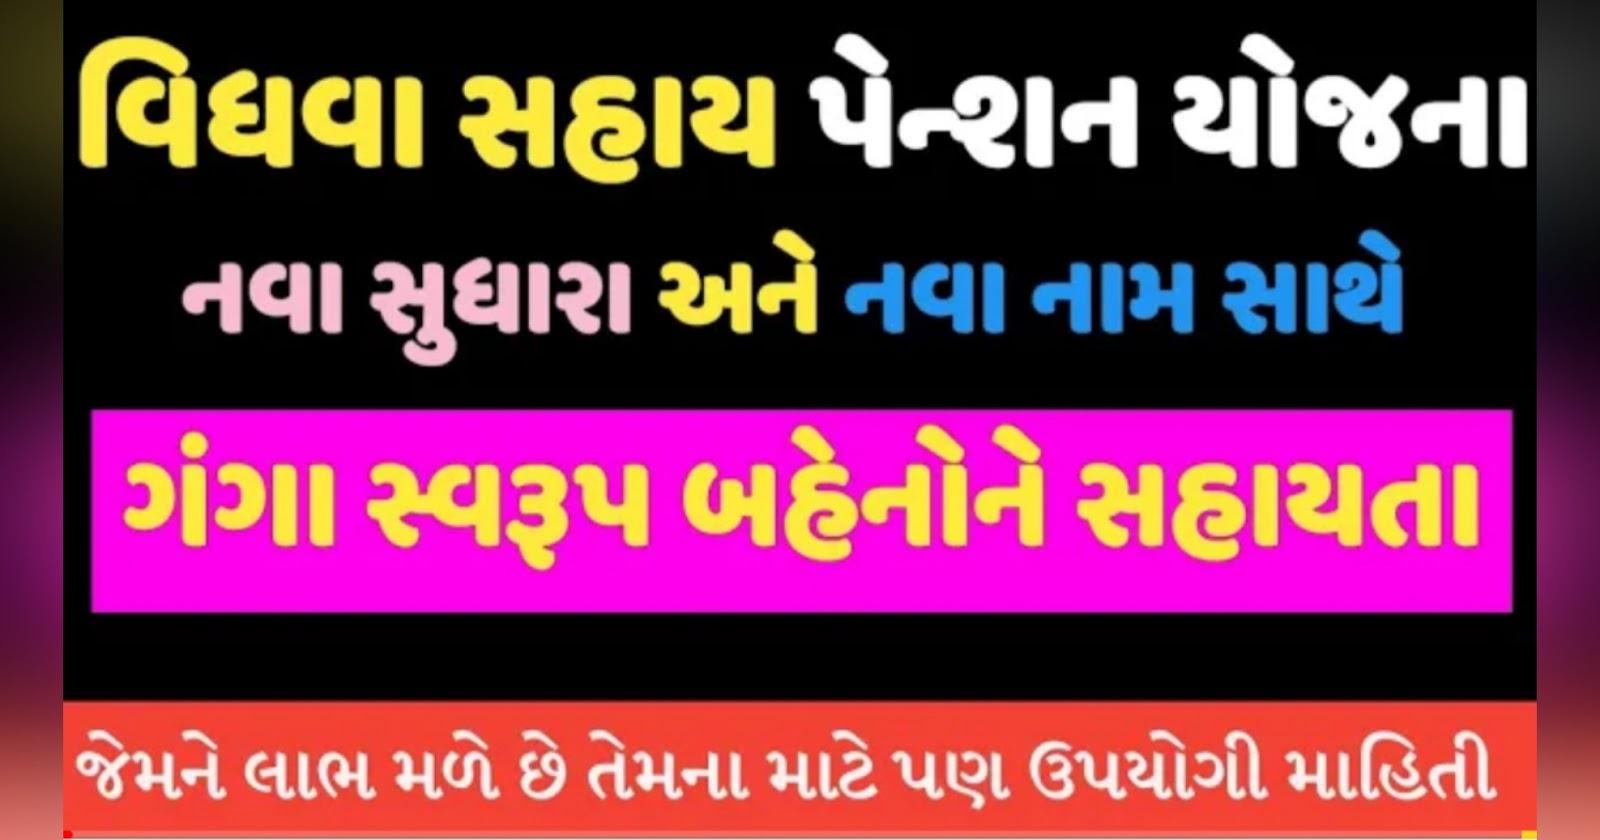 Ganga Swarup Arthik Sahay(Vidhva Sahay) Latest Circular